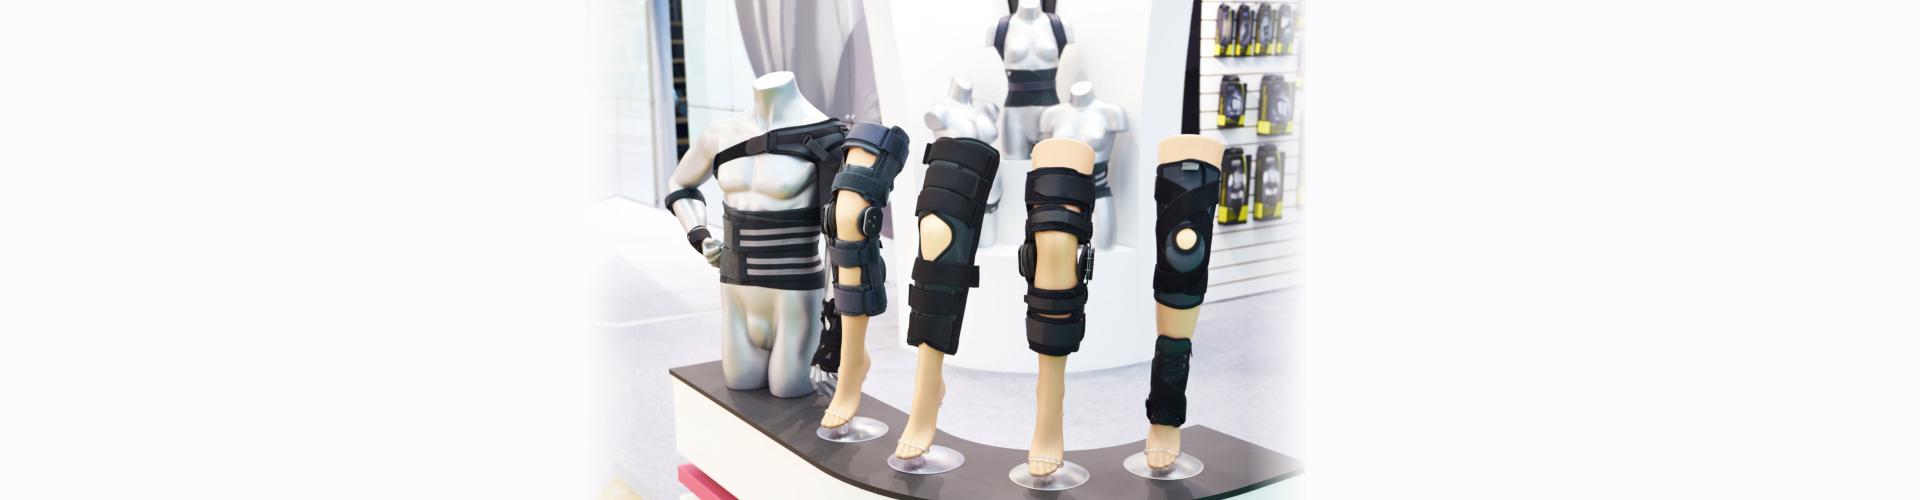 Elbow crutch, wooden crutch